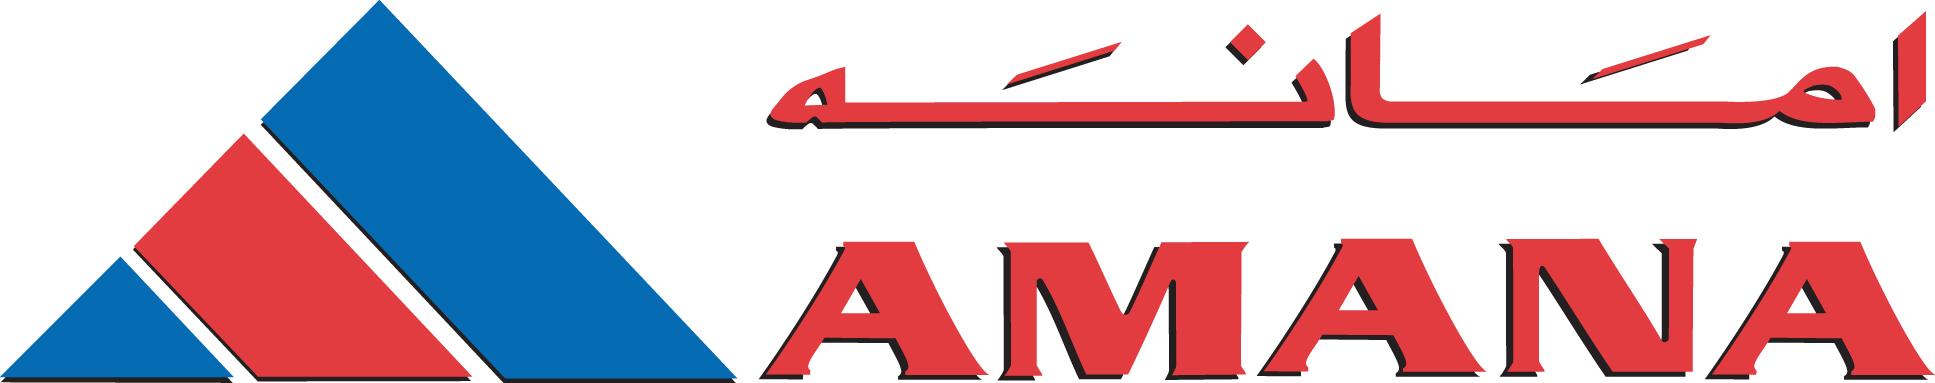 Amana Contracting & Steel Buildings.